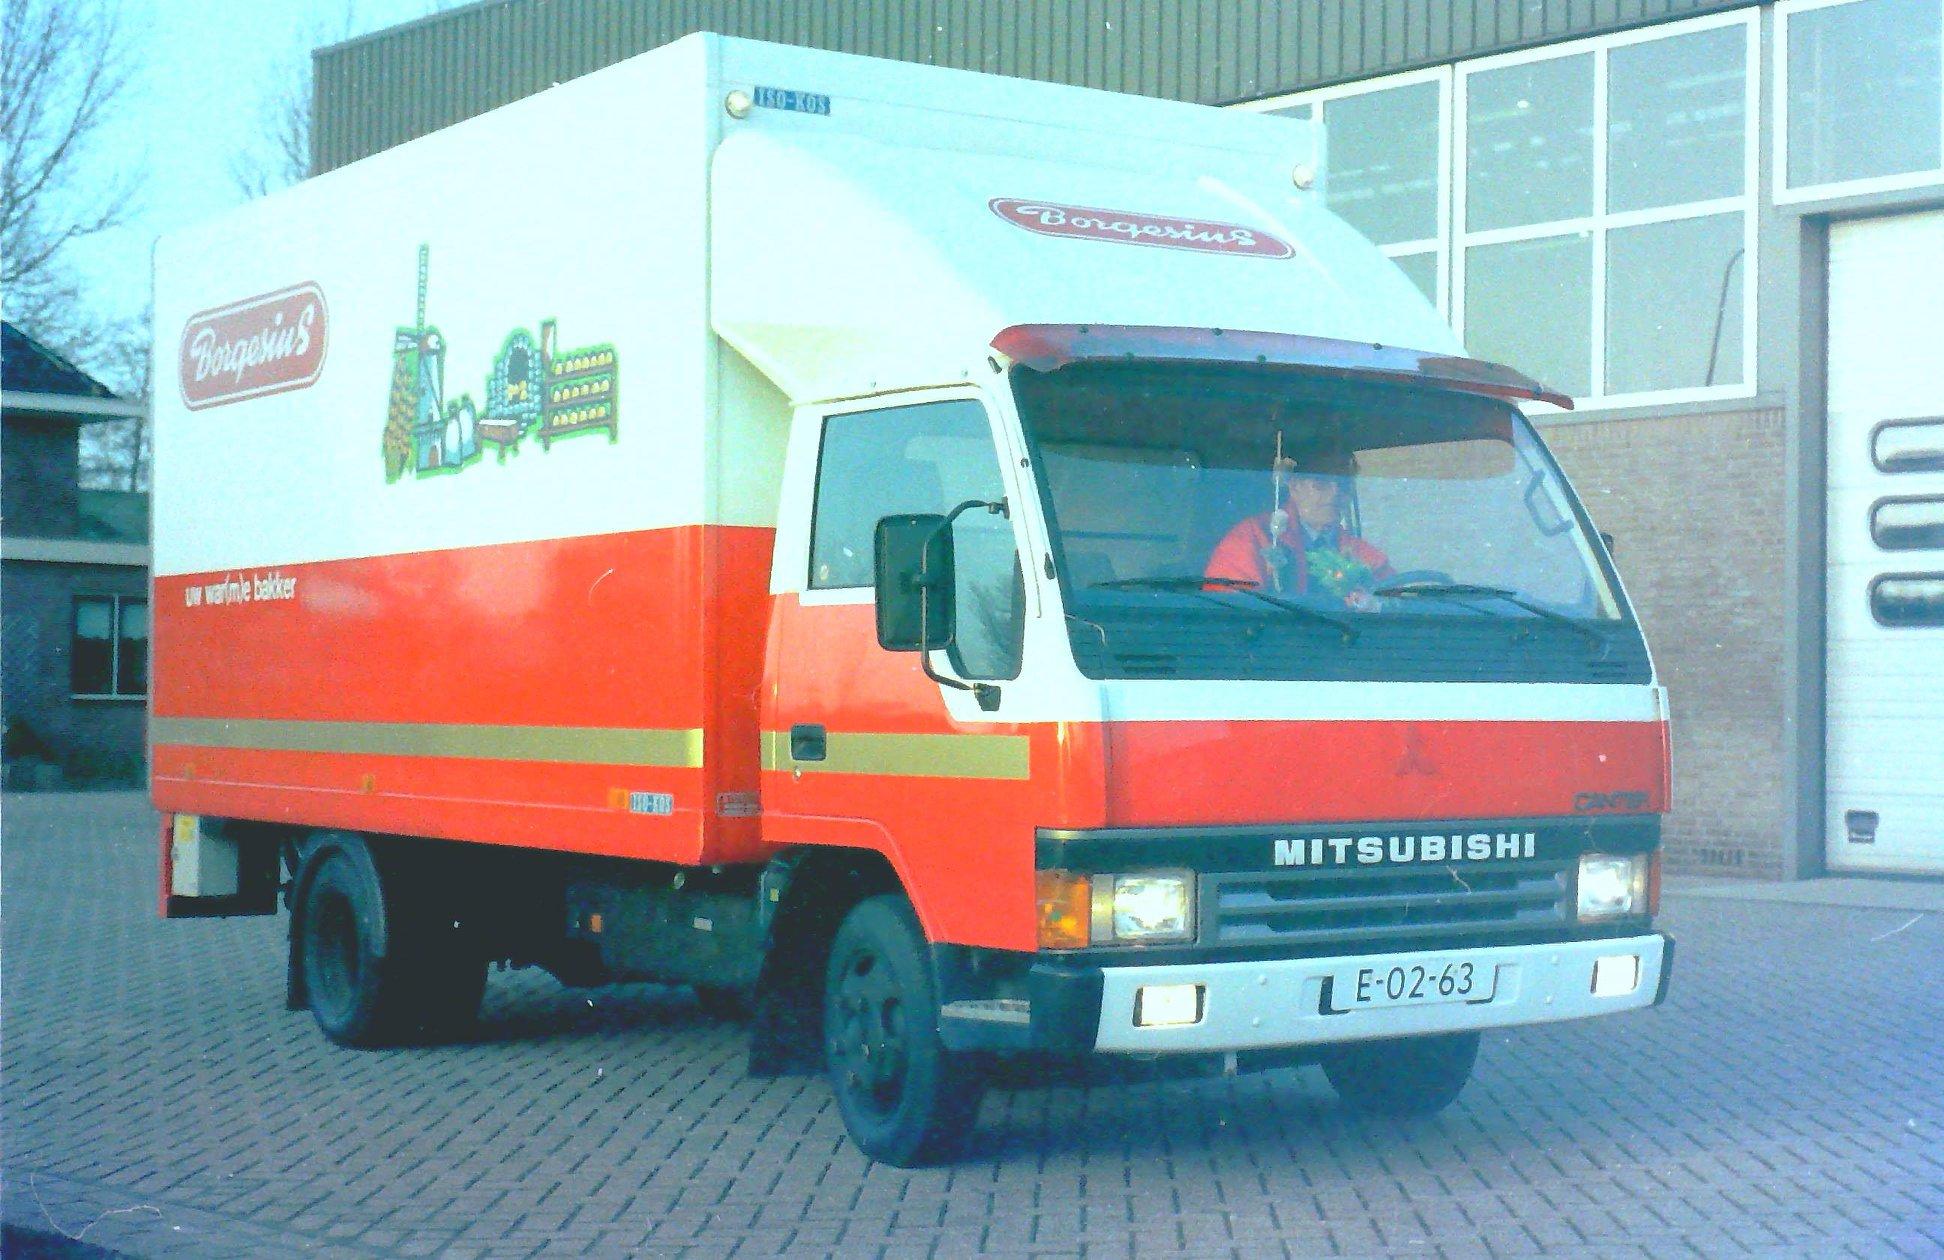 Volvo-combinatie-met-RAF-middenas-aanhangwagen-en-deze-Mitsubishi-zijn-ook-gebouwd-door-Rondaan-in-Berlikum-3